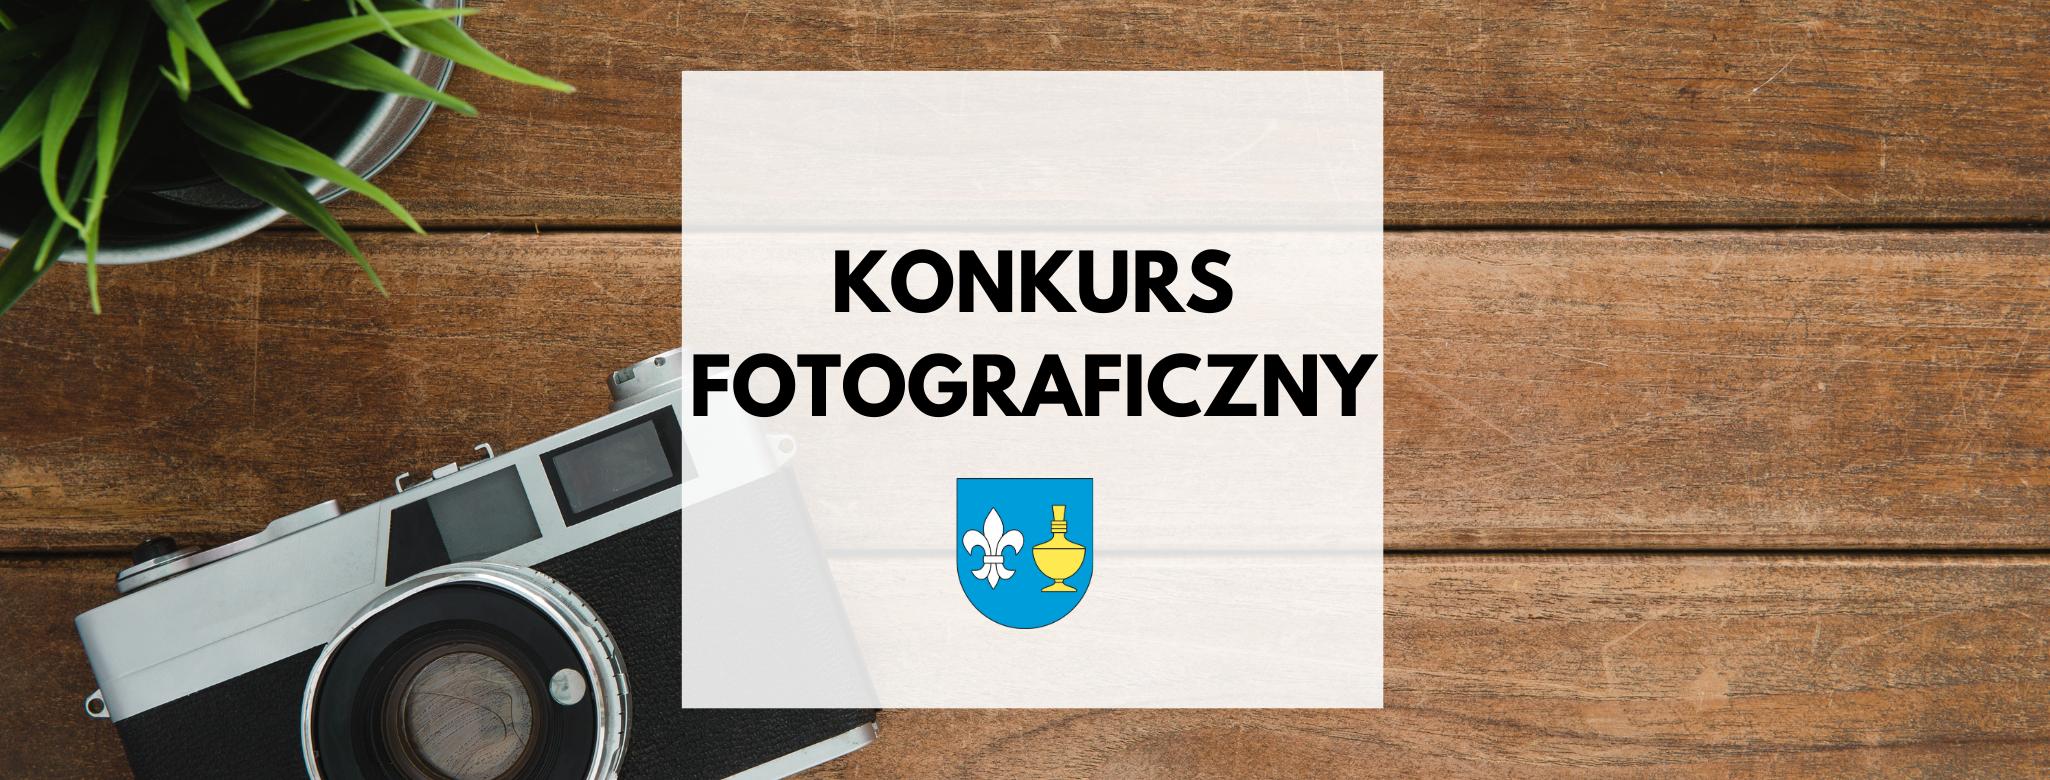 nagłówek graficzny o treści: konkurs fotograficzny